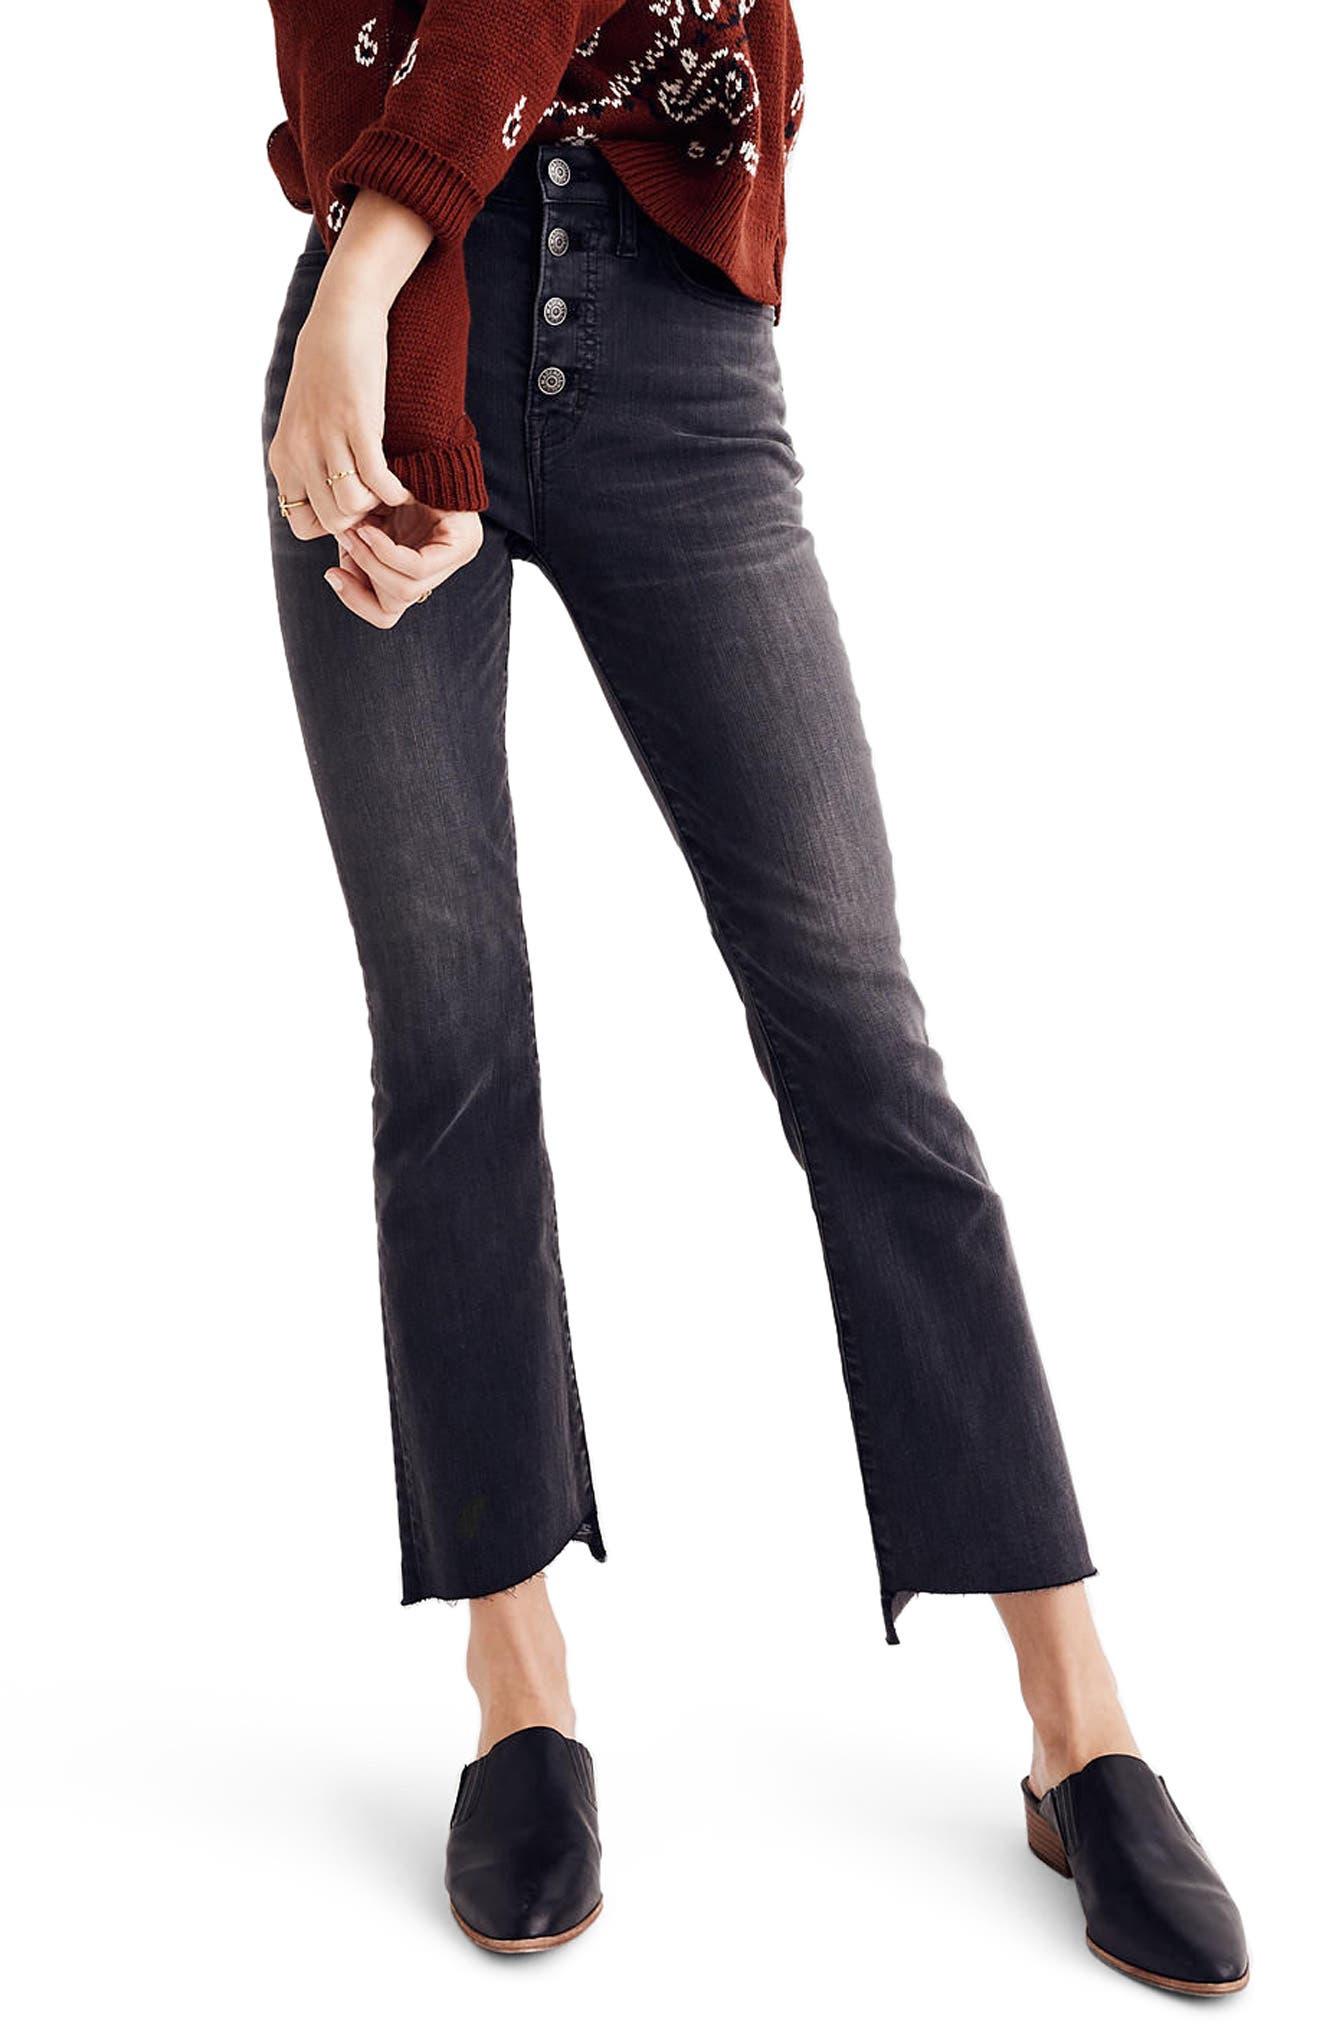 Cali Demi Bootcut Crop Jeans,                             Main thumbnail 1, color,                             408